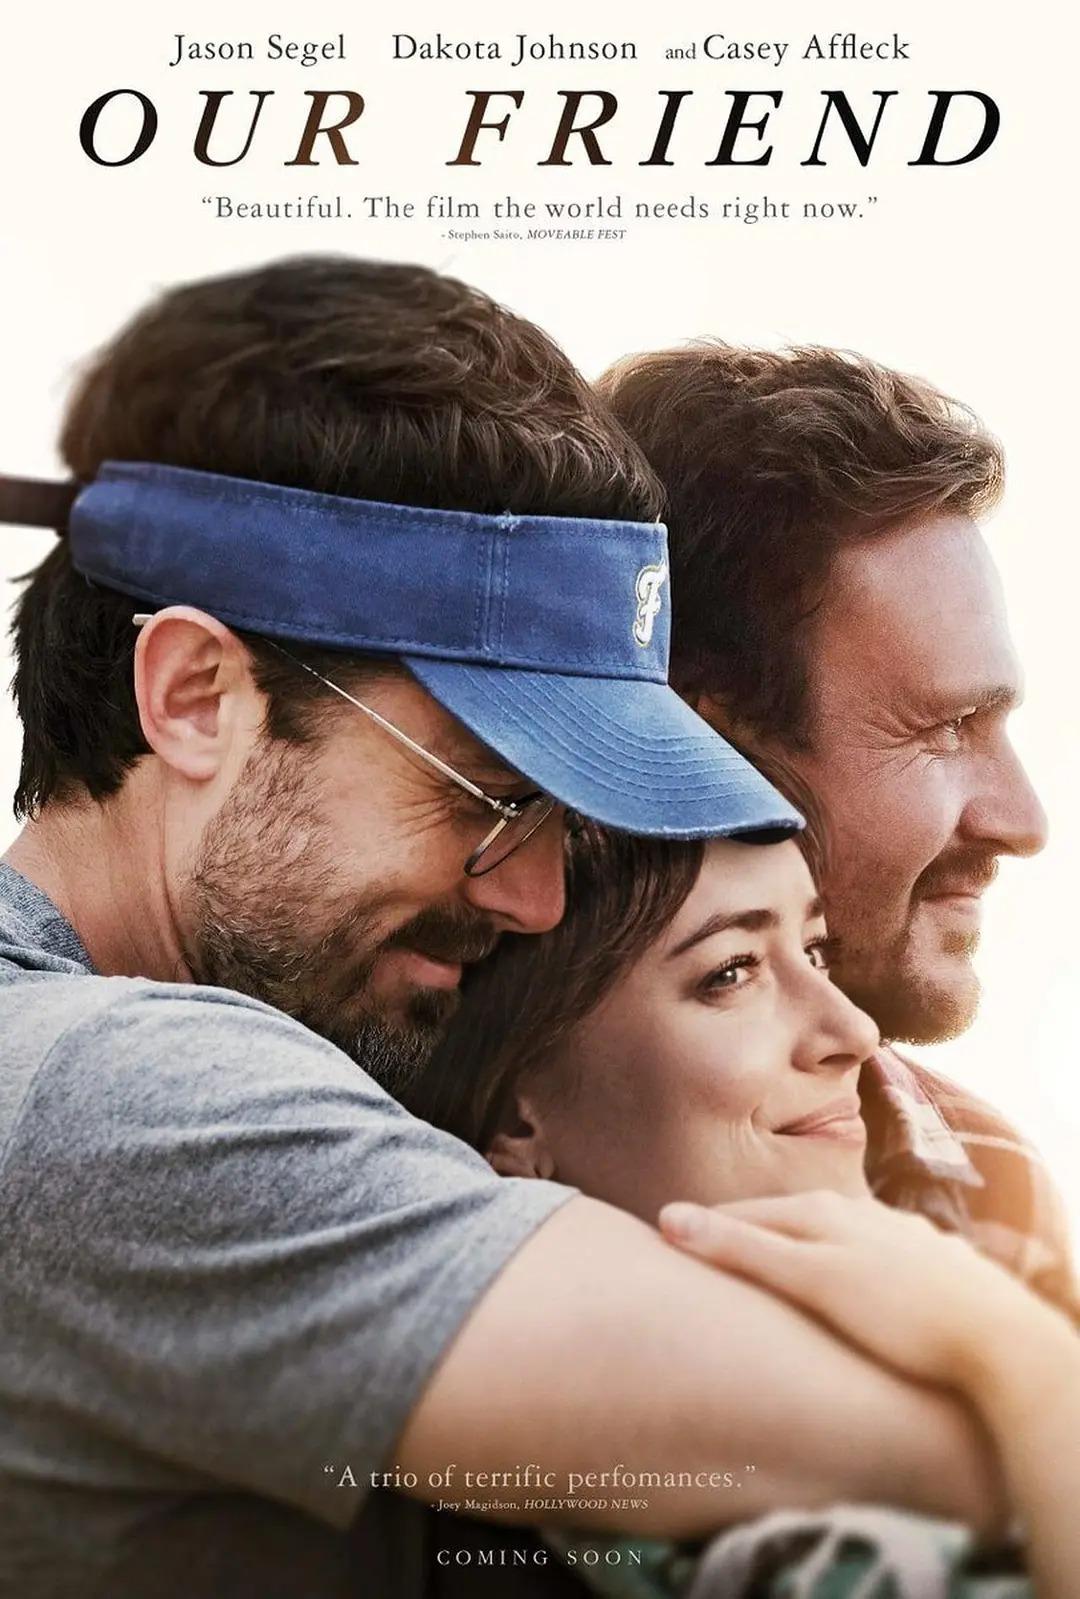 電影《悲傷路上還有友你 我們的朋友 our friend》影評 一部俘獲我心的獨特電影04